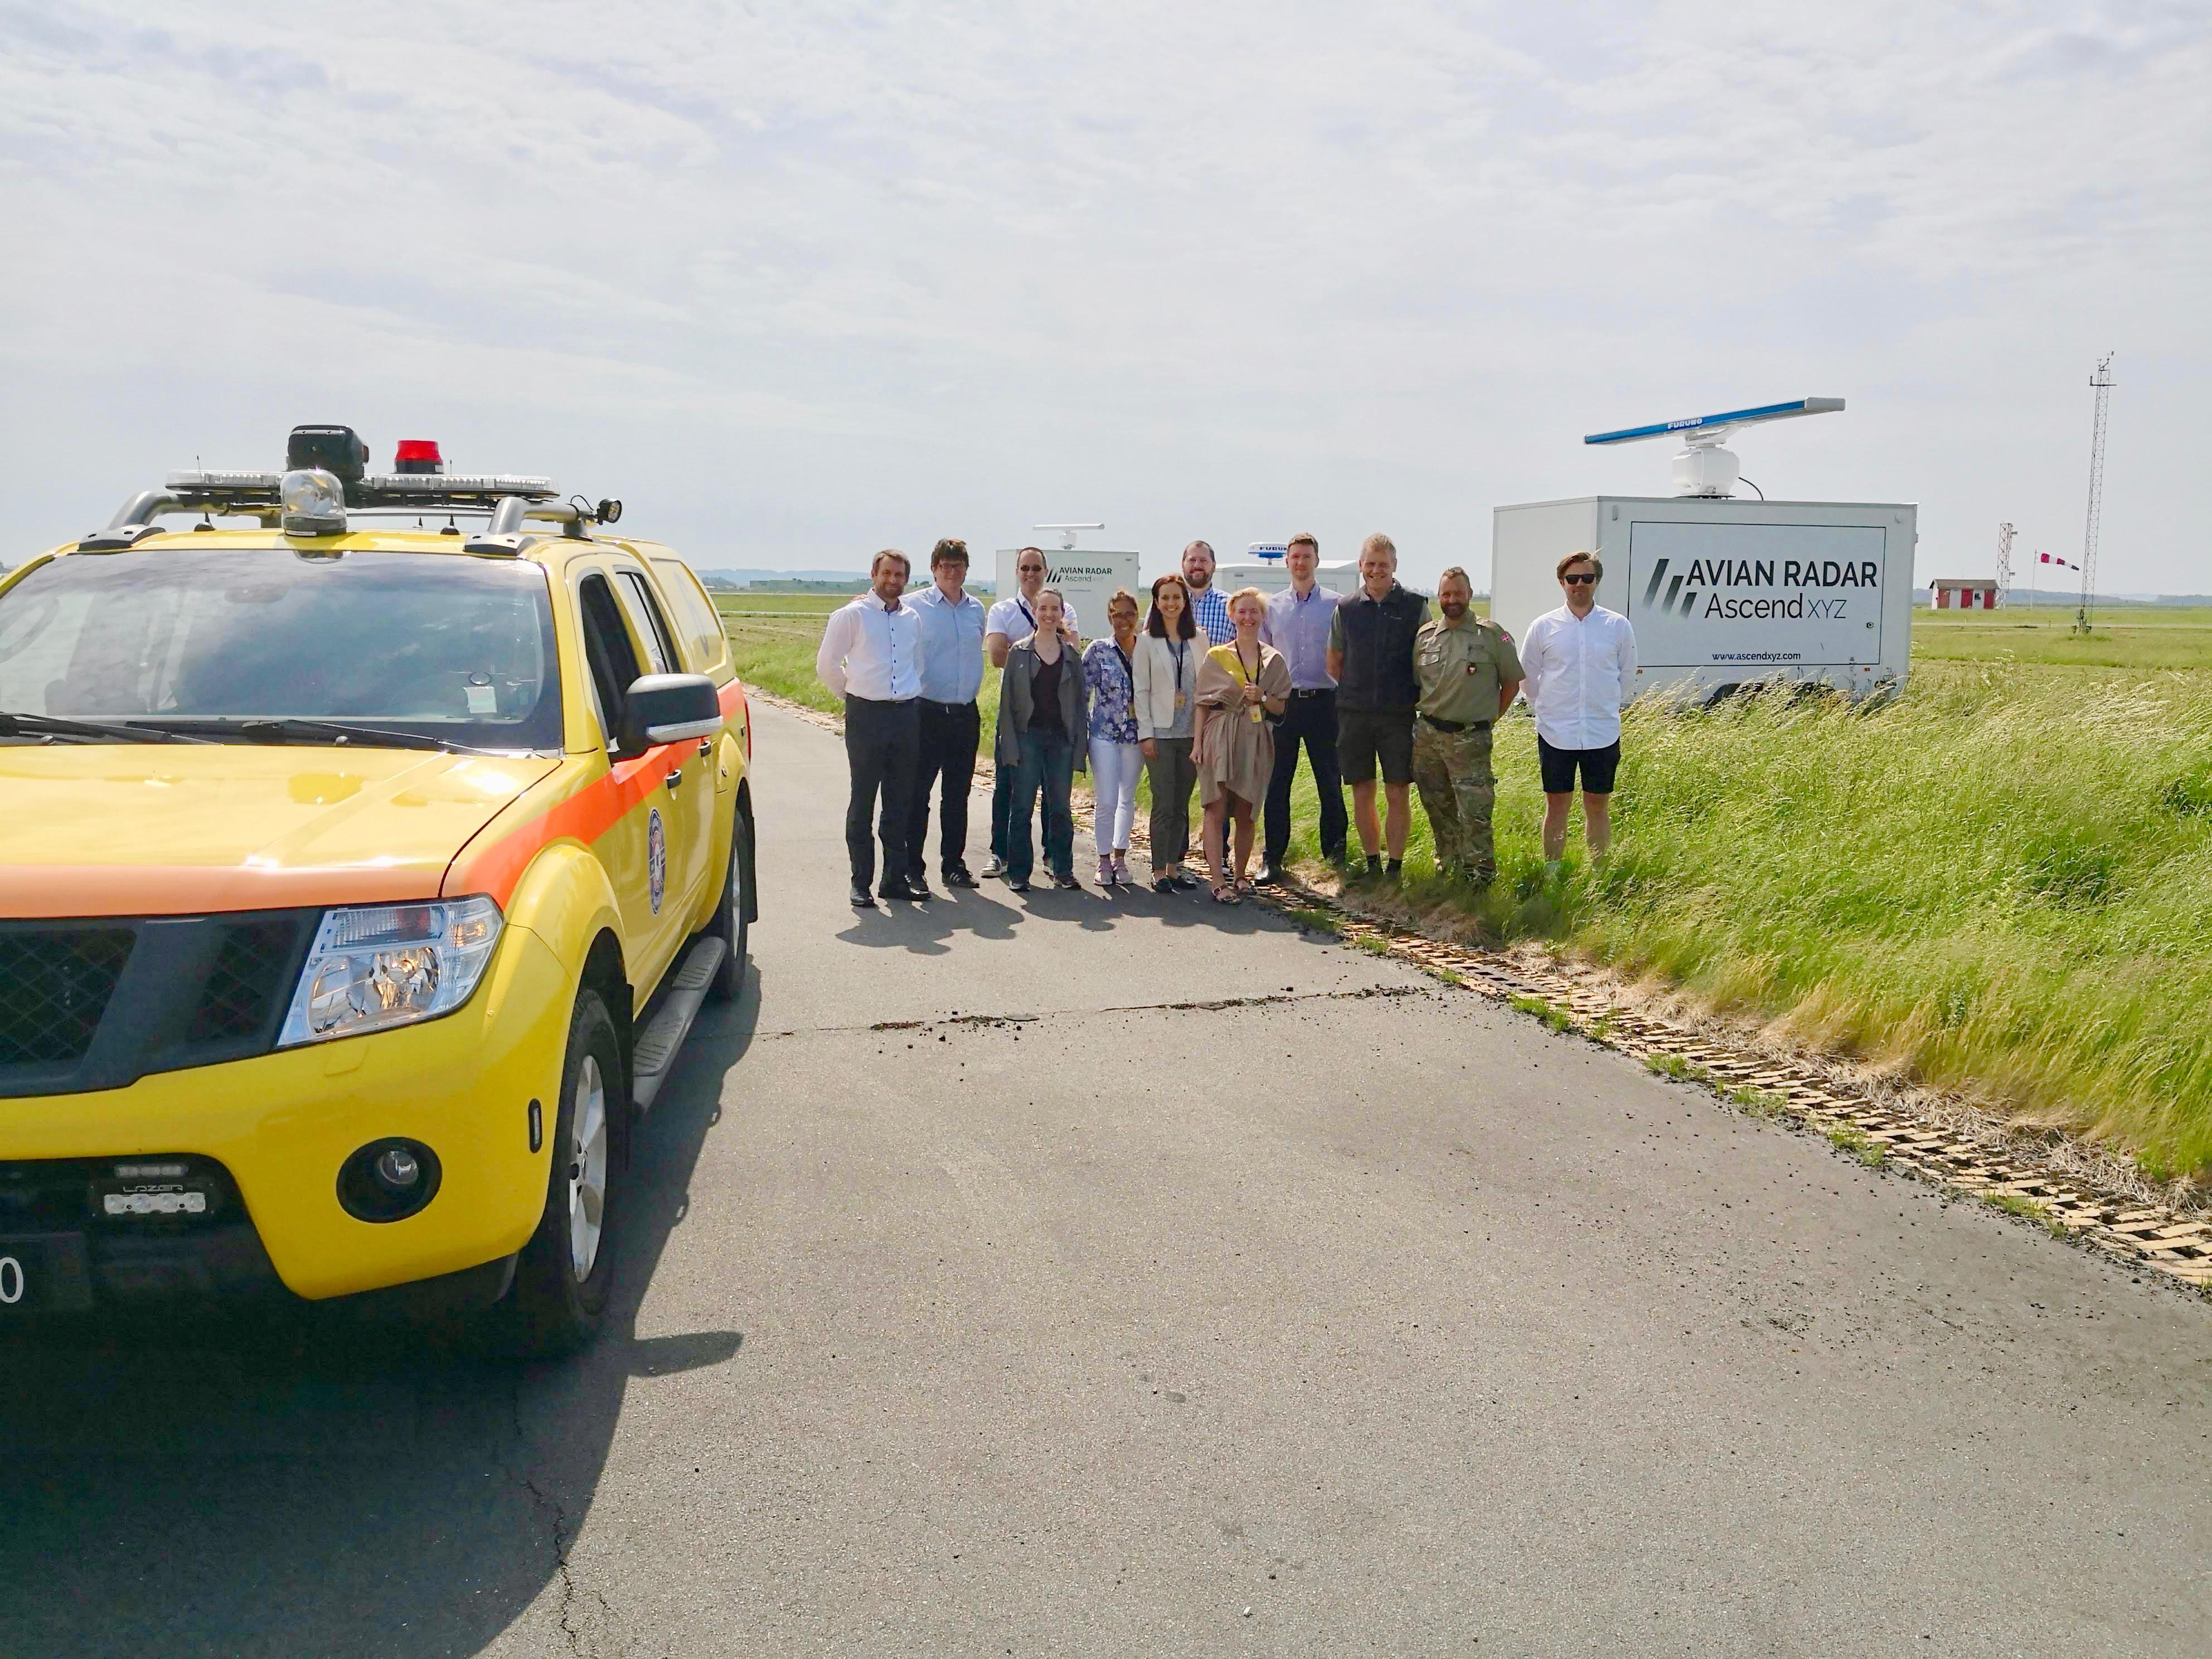 Aalborg Lufthavn har fået et nyt fugleradar-system som ses til højre. Data herfra er tilgængeligt for blandt andet piloter. Foto: Aalborg Lufthavn